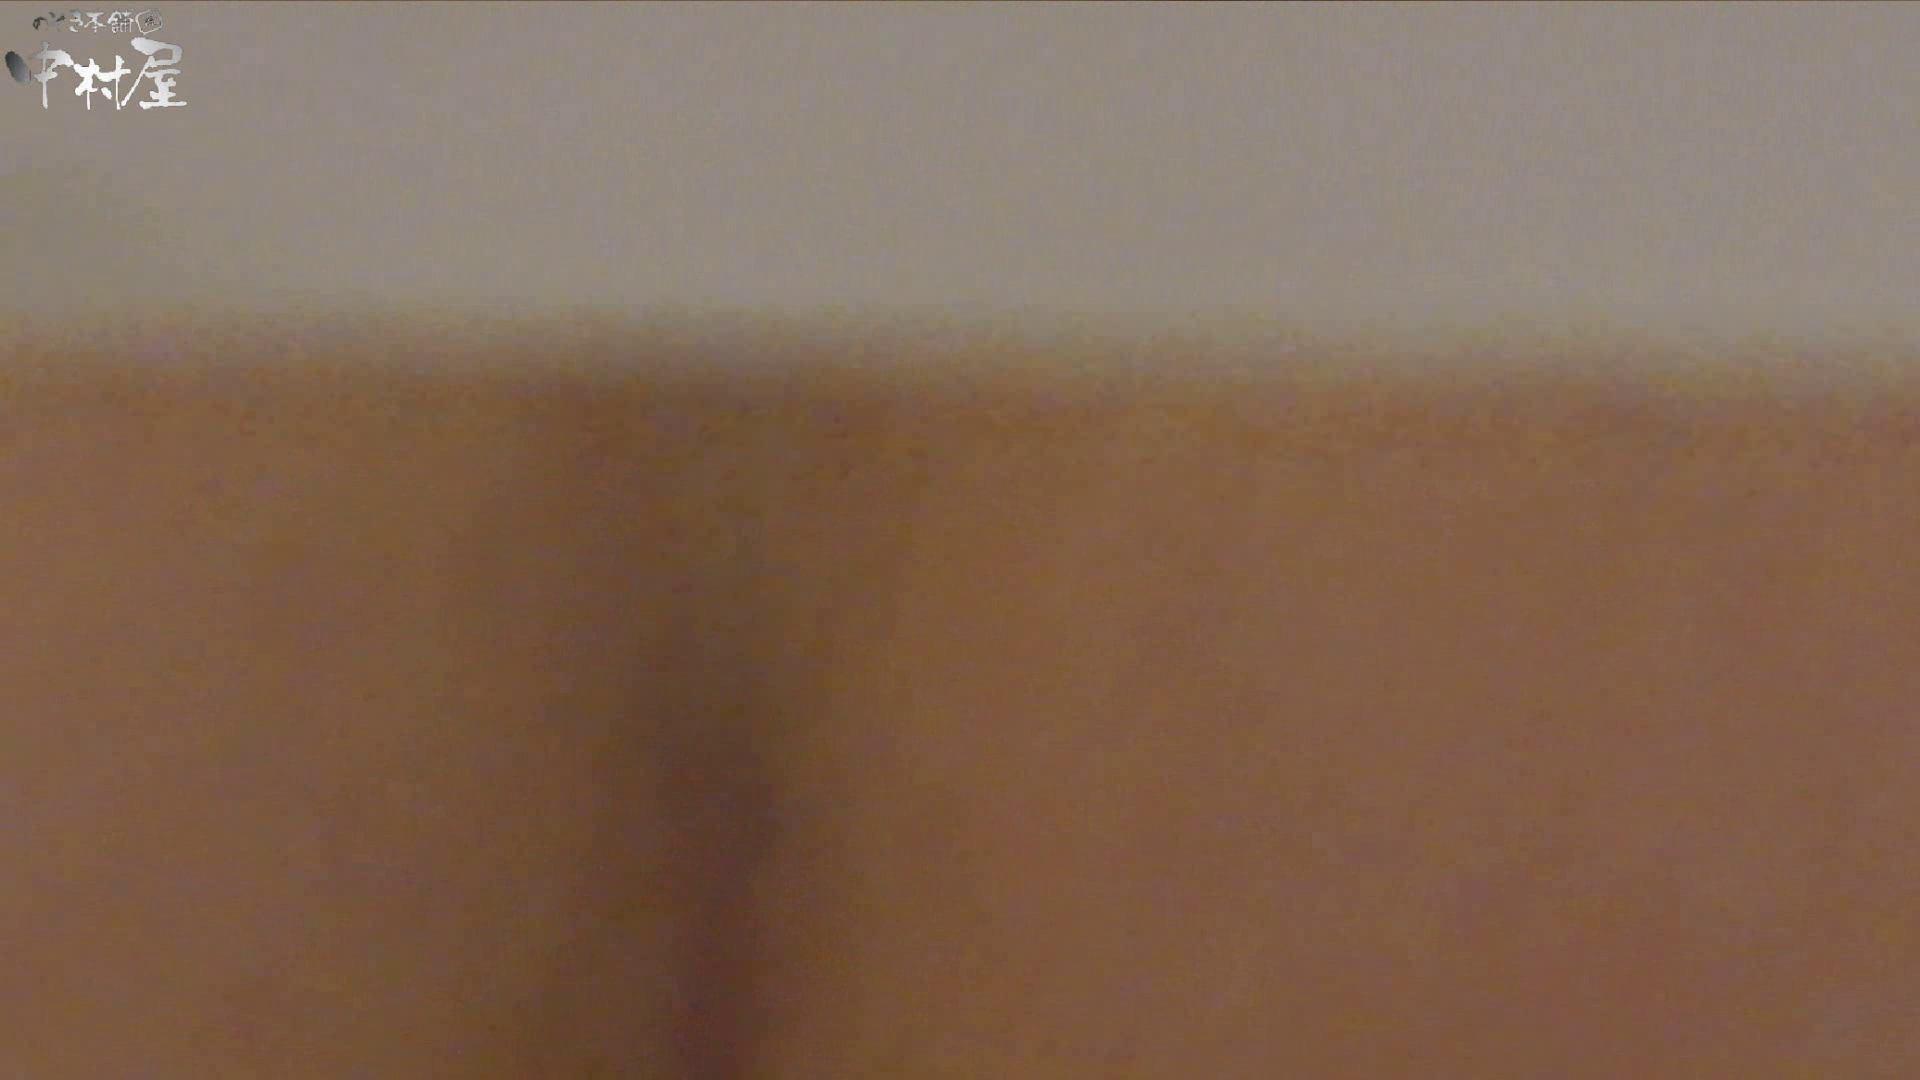 vol.07 命がけ潜伏洗面所! パンツの跡(ひも付き) プライベート エロ画像 76PIX 53